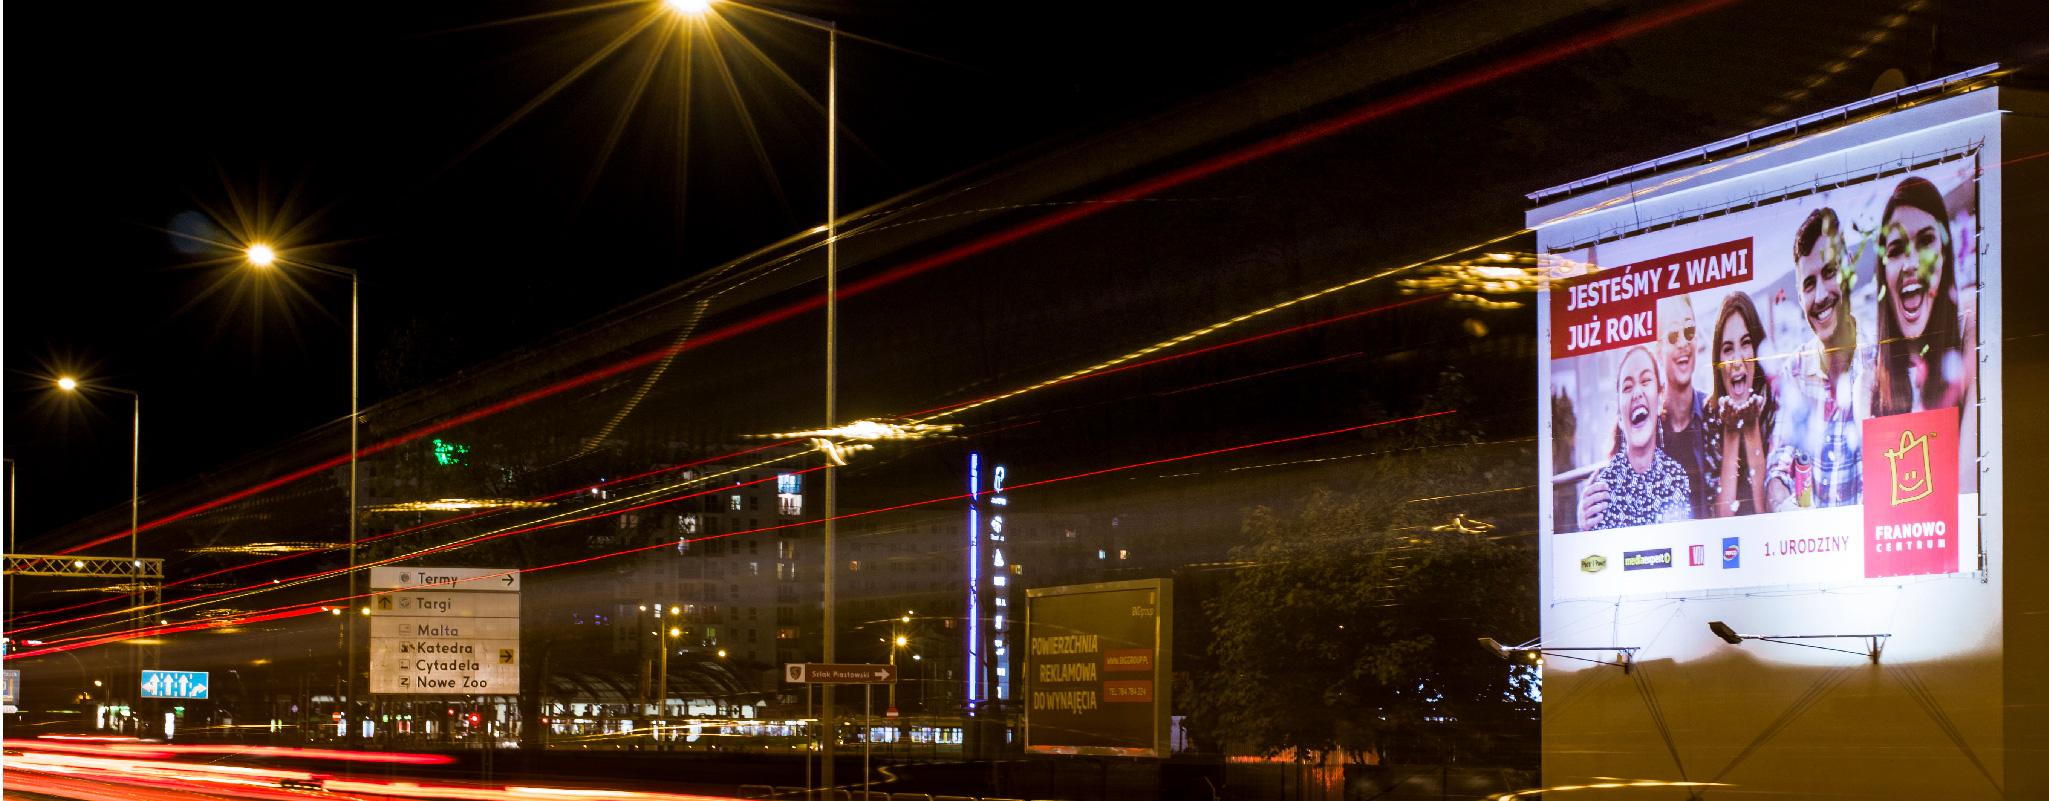 Oświetlony Wielki Format Poznań-Krzywoustego Centurm Franowo